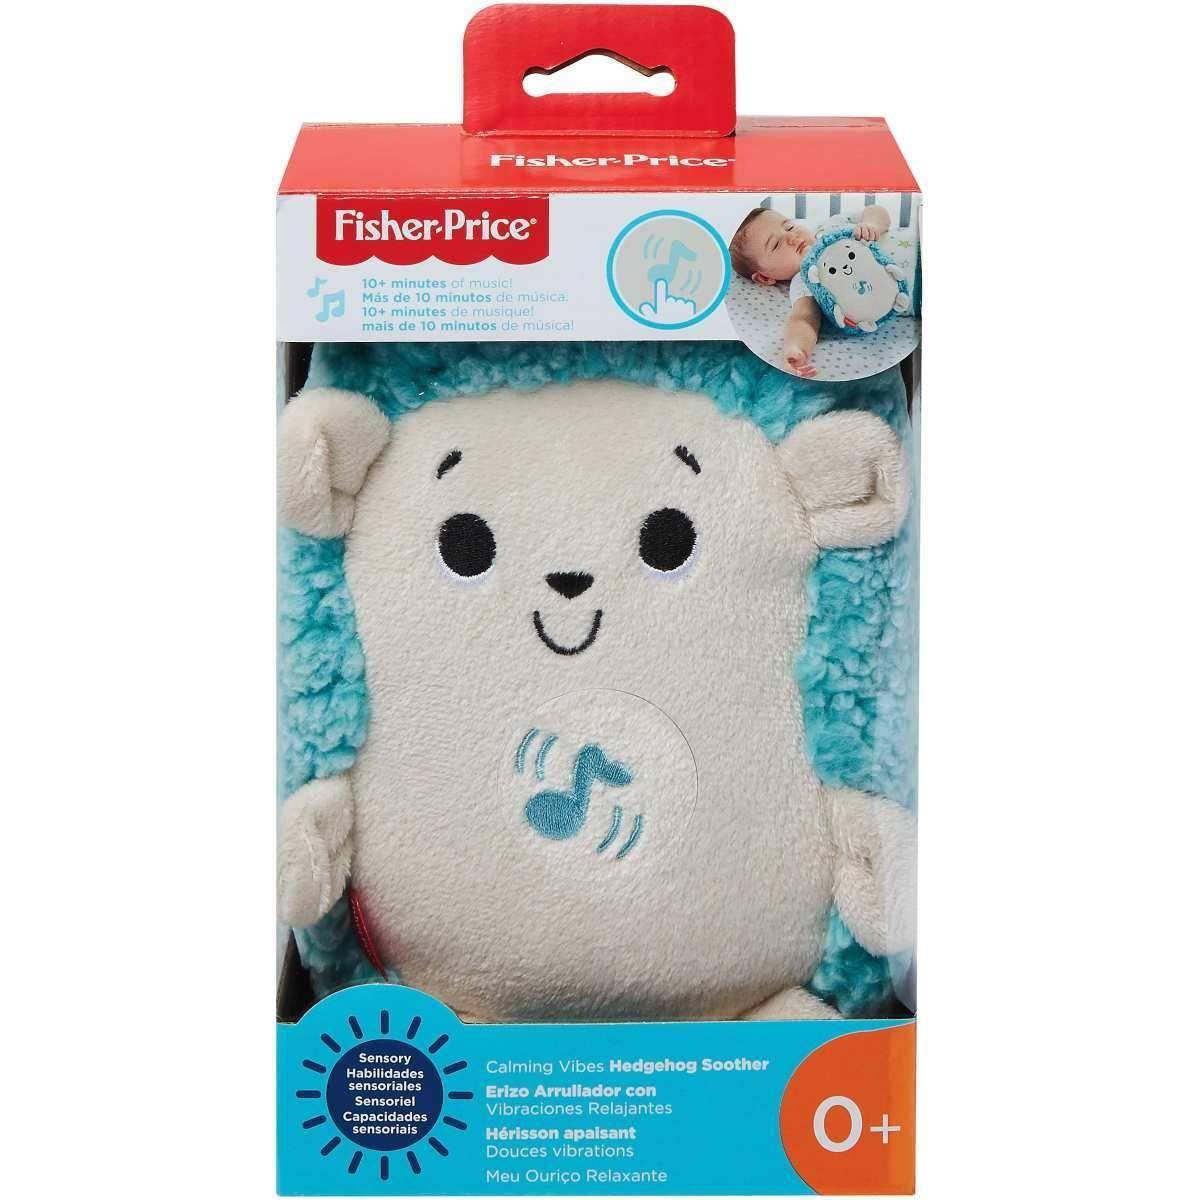 Pelúcia Meu Ouriço Relaxante Fisher Price - Mattel GHL40 - Noy Brinquedos